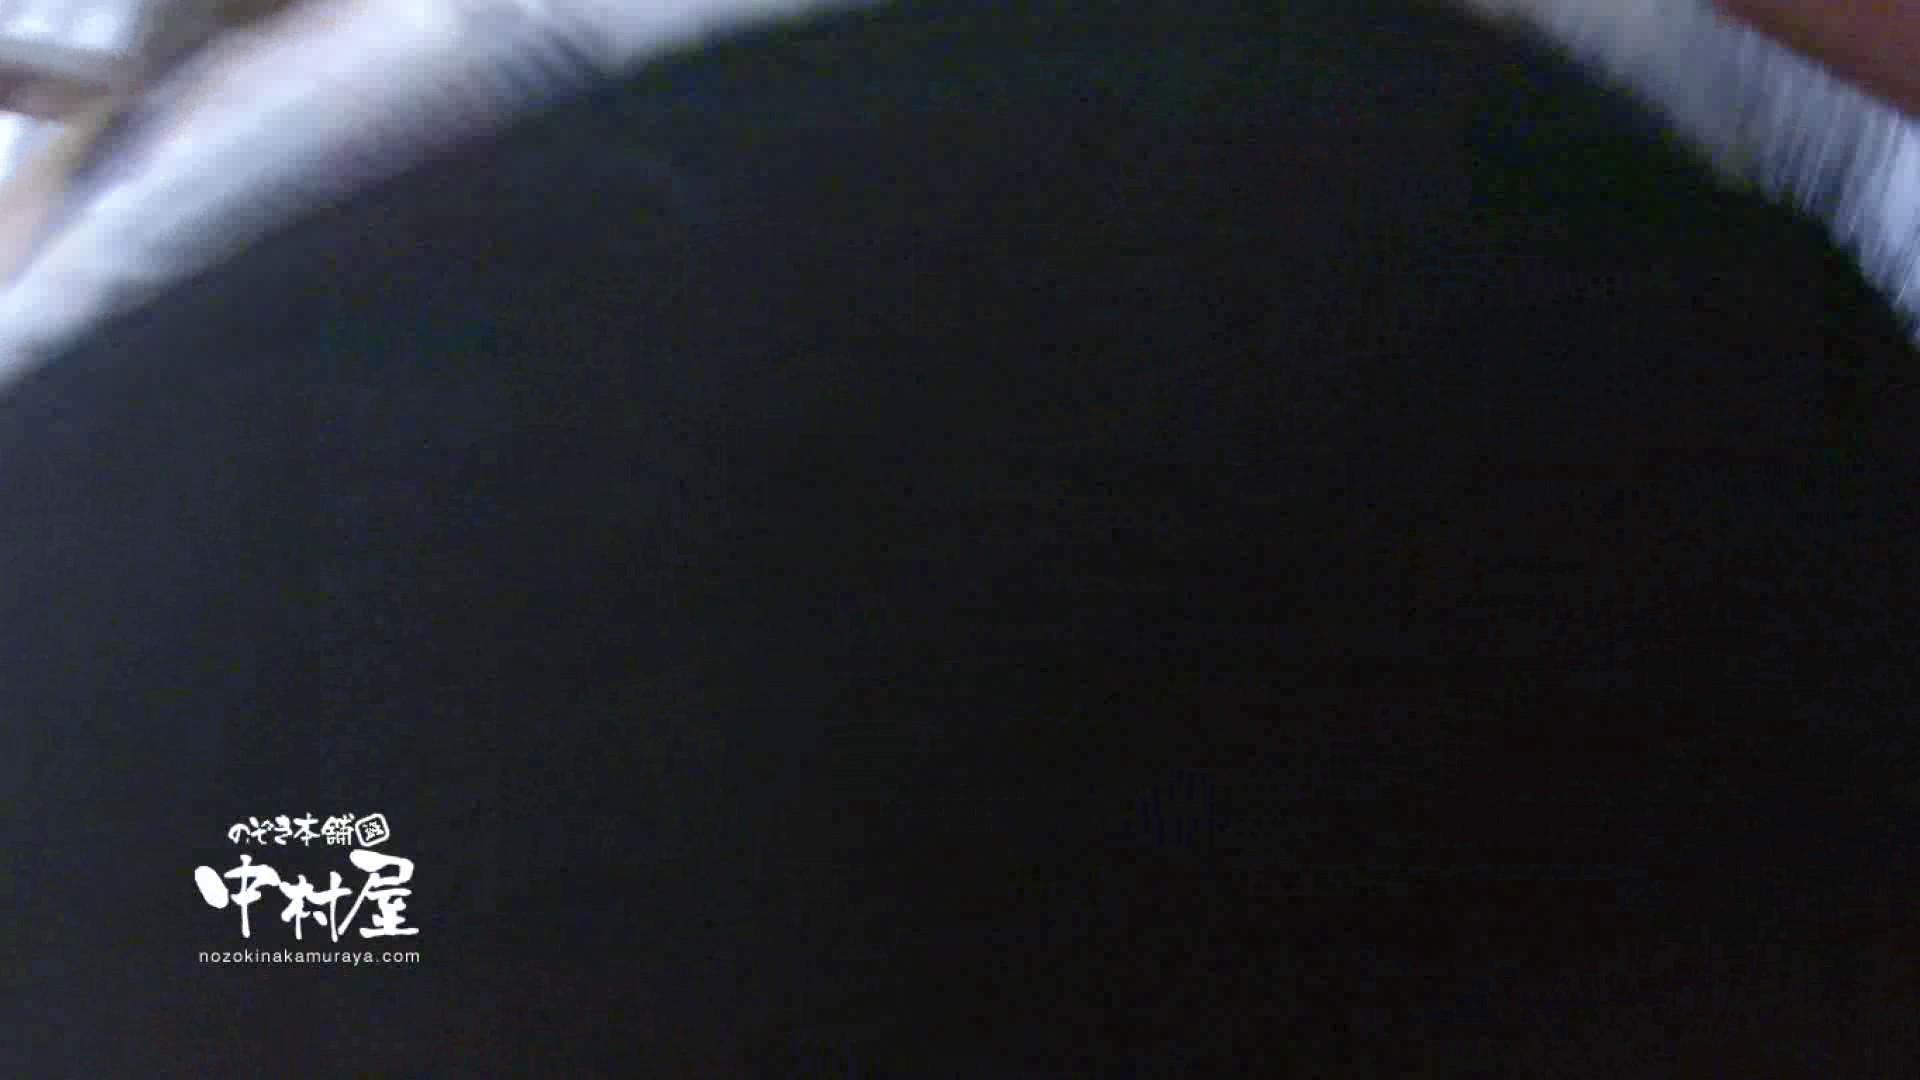 鬼畜 vol.15 ハスキーボイスで感じてんじゃねーよ! 後編 美しいOLの裸体 | 鬼畜  77pic 67